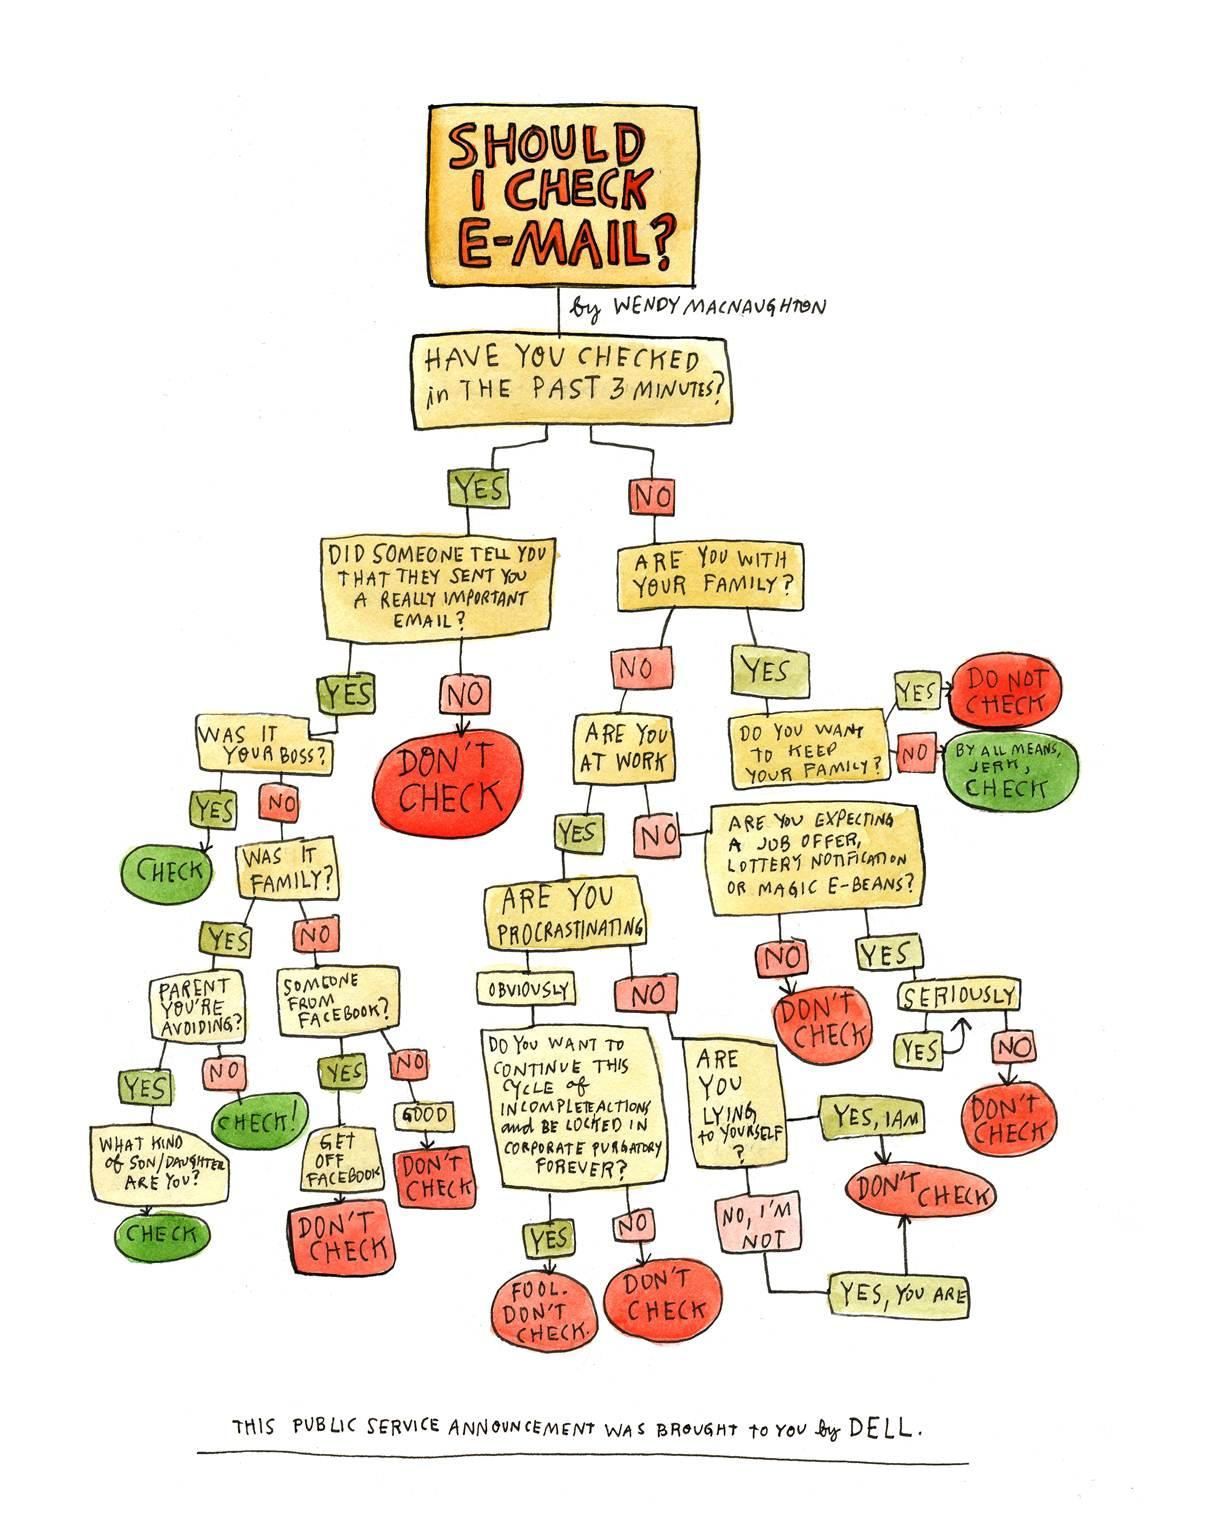 debo revisar el correo electrónico